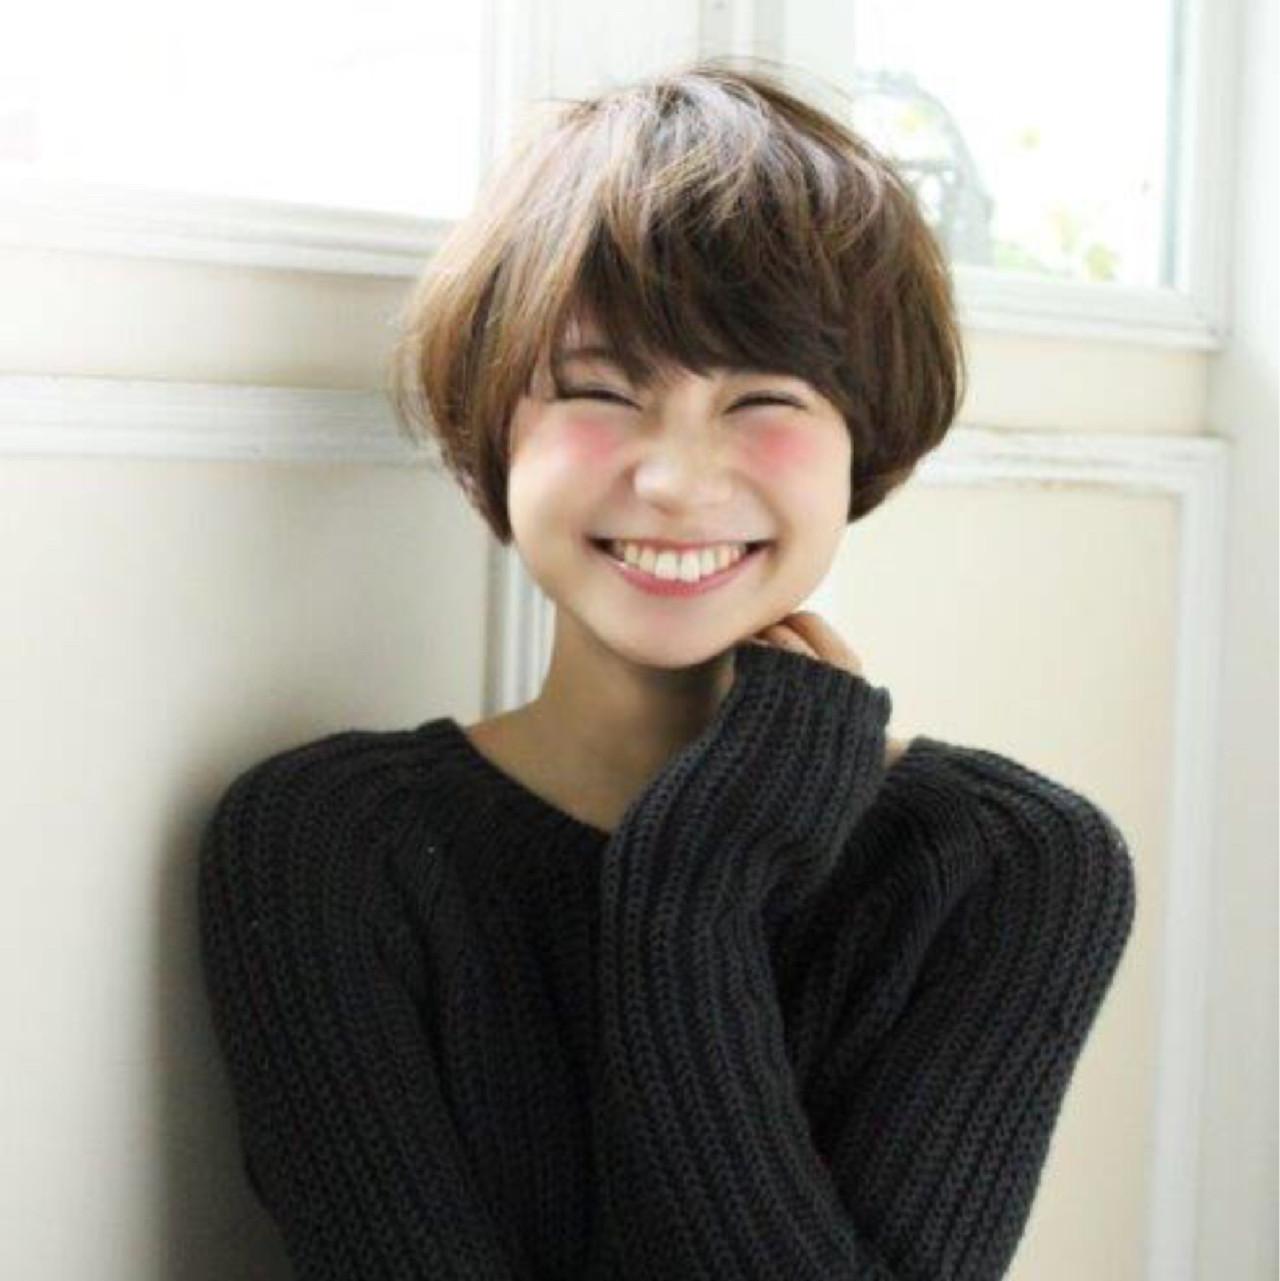 ナチュラル キュート 小顔 似合わせヘアスタイルや髪型の写真・画像